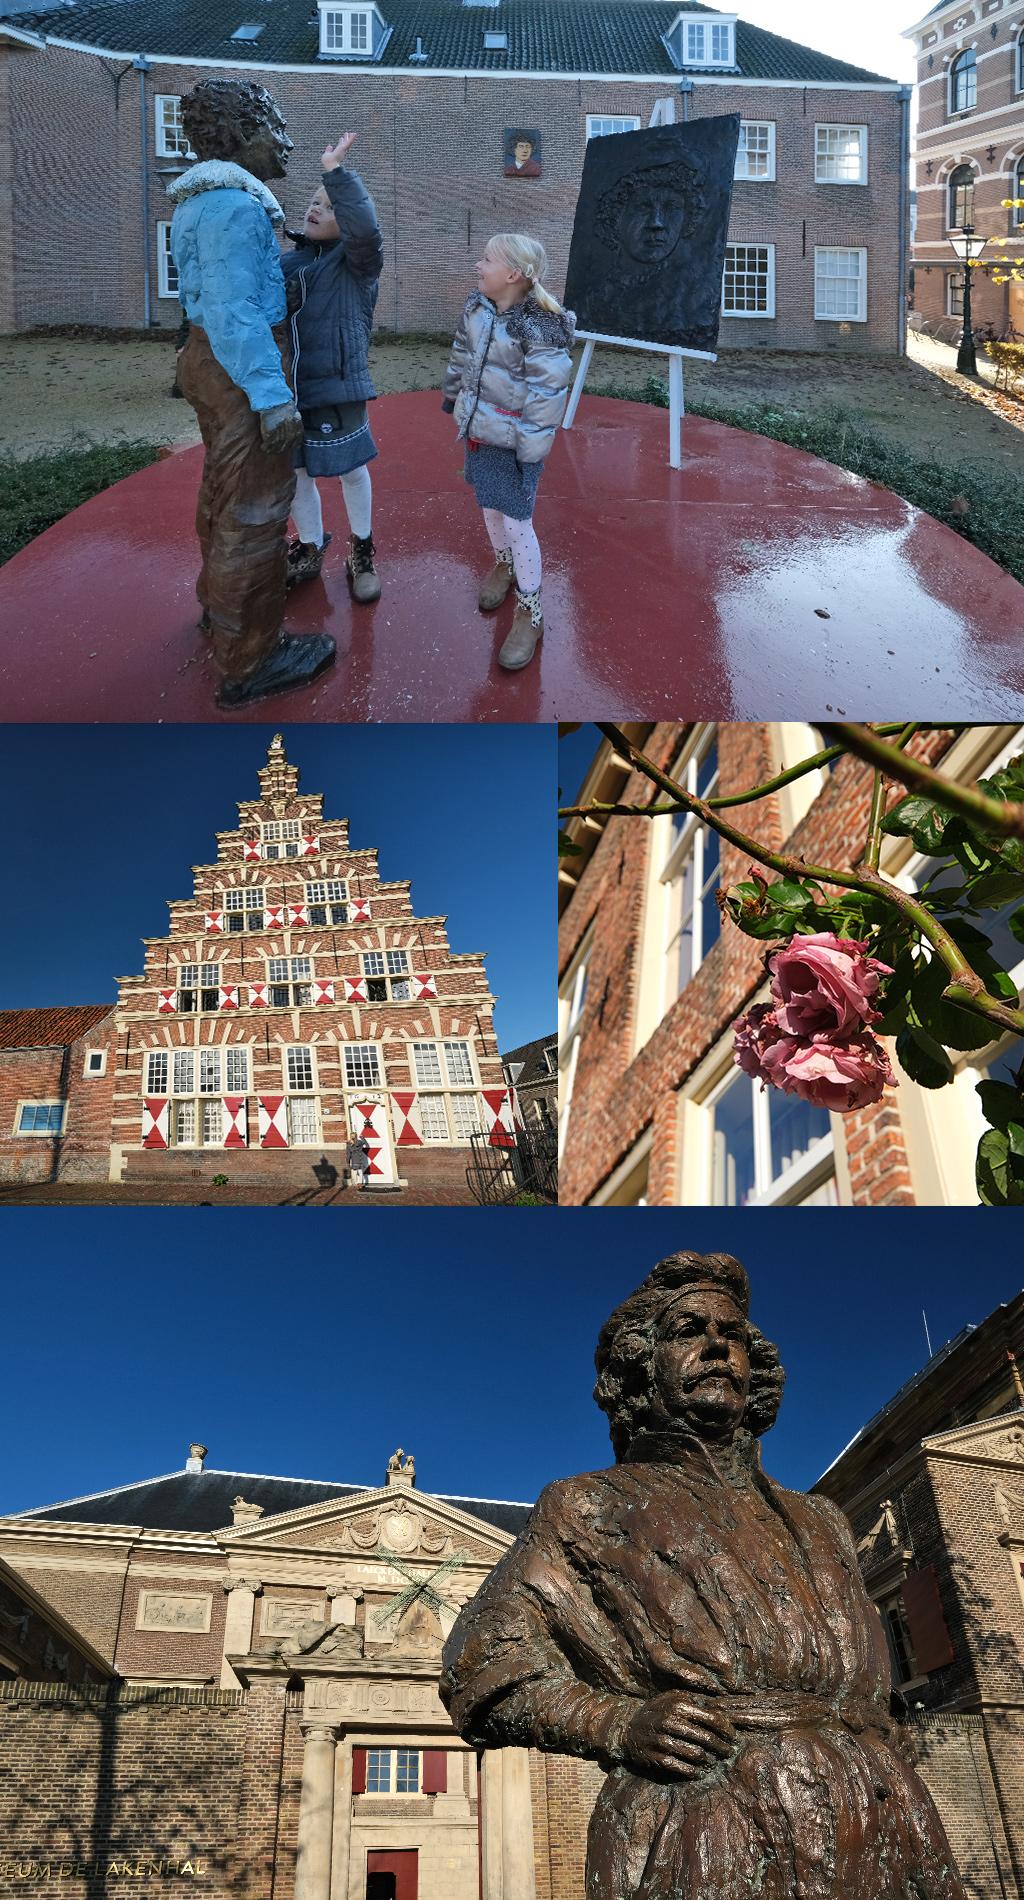 Rembrandt wandeling Leiden